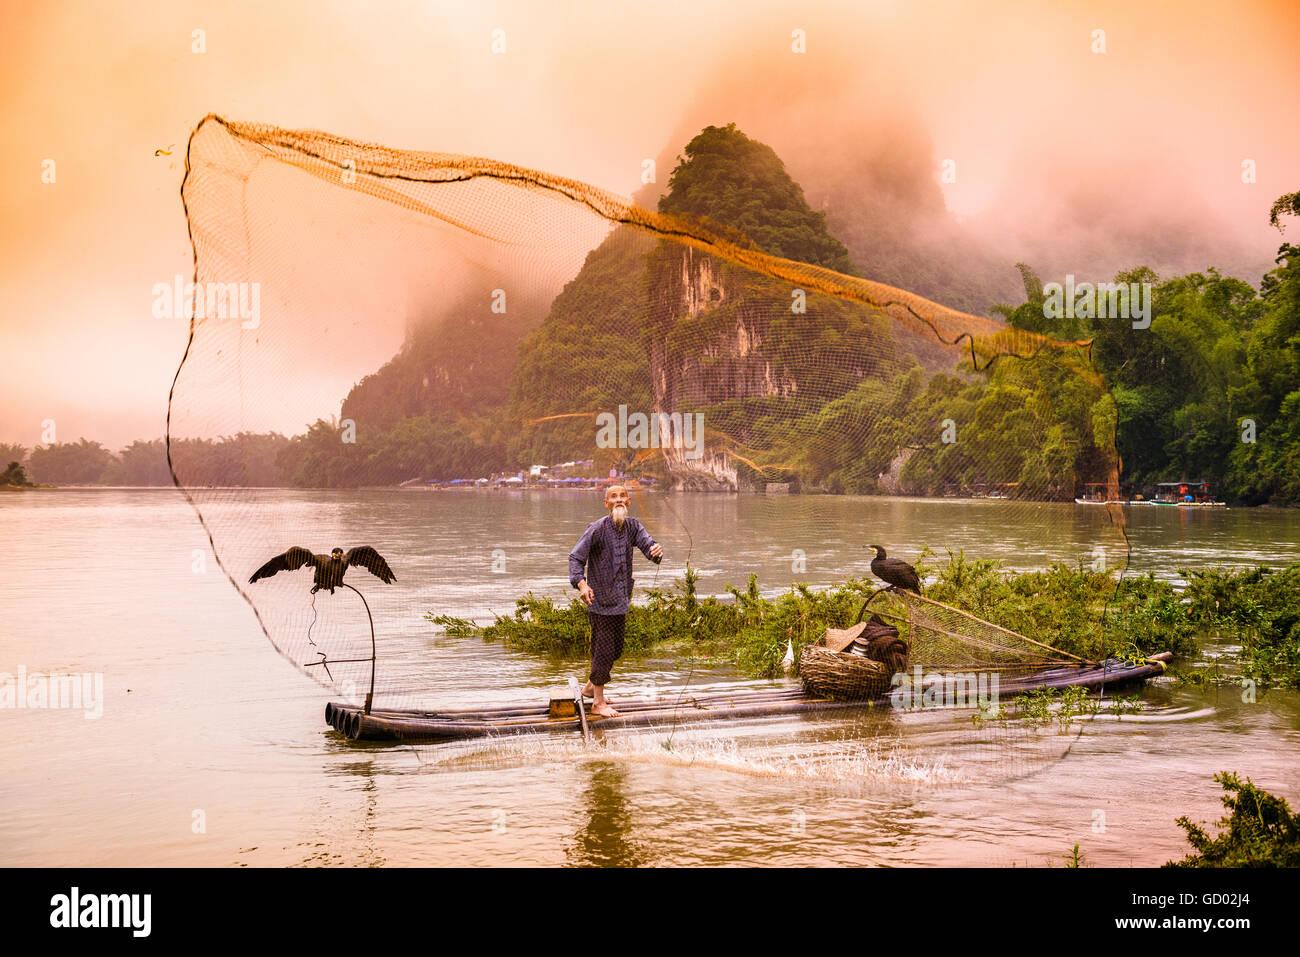 Traditionelle chinesische Kormoran Fischer wirft ein Netz auf dem Li-Fluss in Yangshuo, China. Stockbild